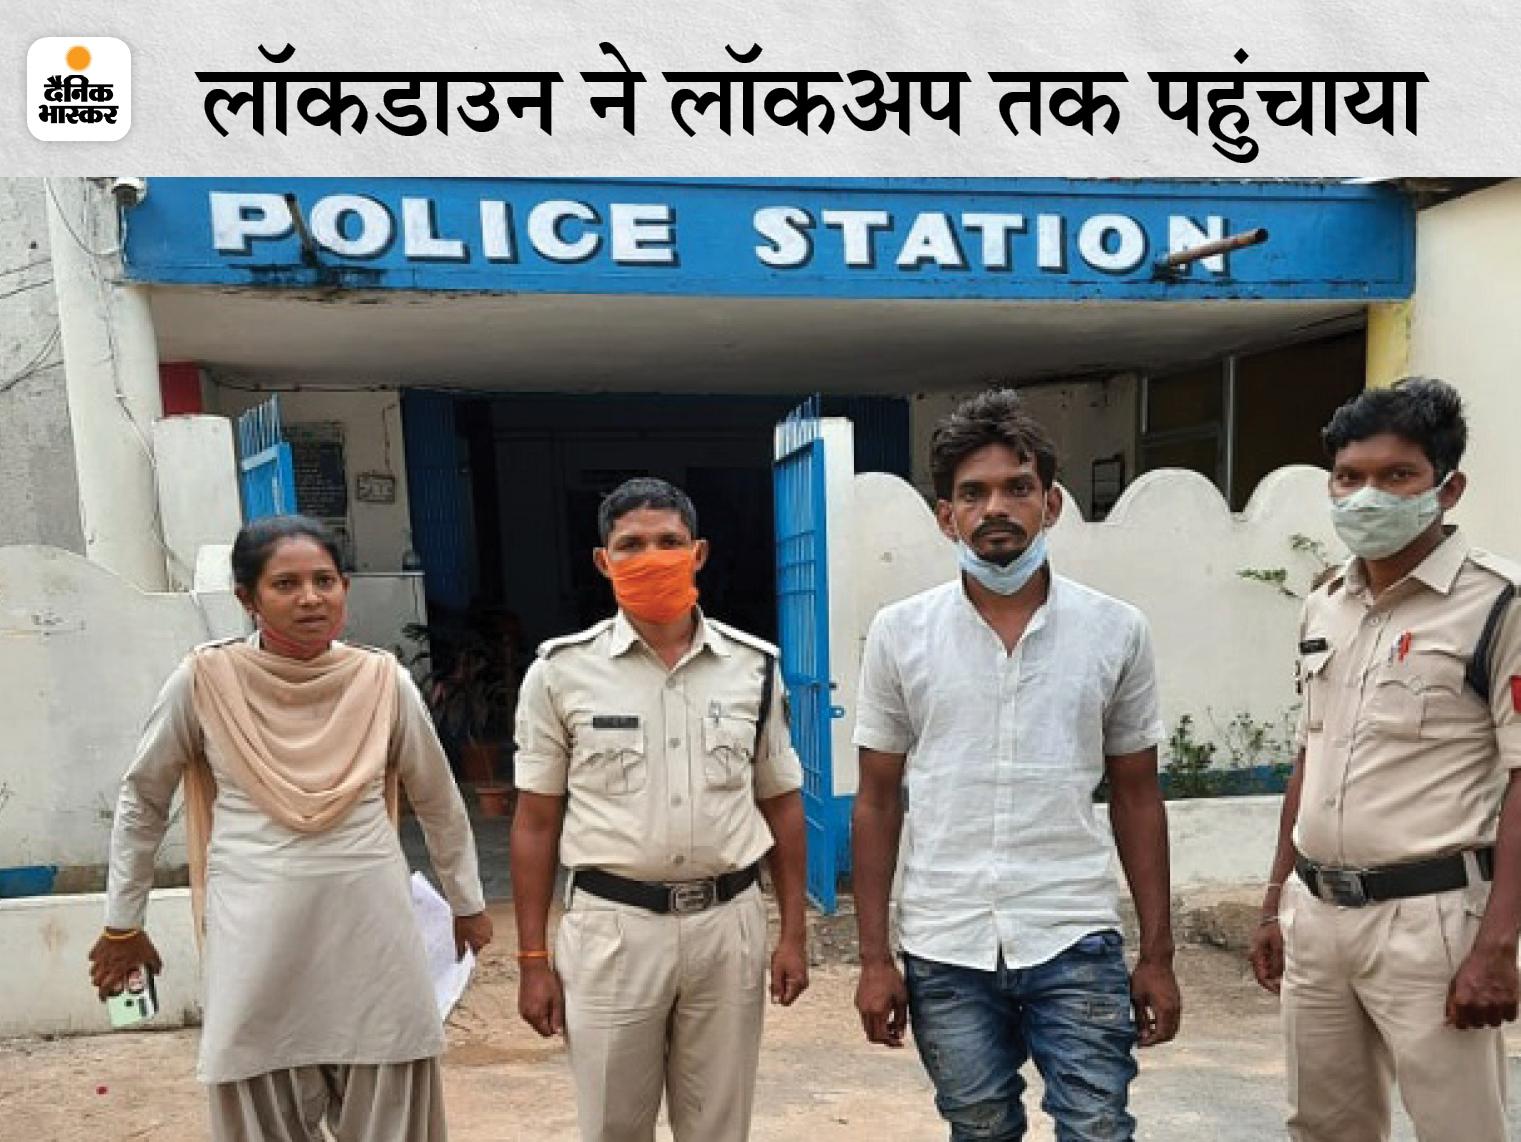 यूपी के शातिर राहुल ने बनाया था प्लान; मगर बाहर लॉकडाउन से था बेखबर, जंगल की पगडंडियों पर रात भर चलते रहे फिर पुलिस ने दबोचा|रायपुर,Raipur - Dainik Bhaskar